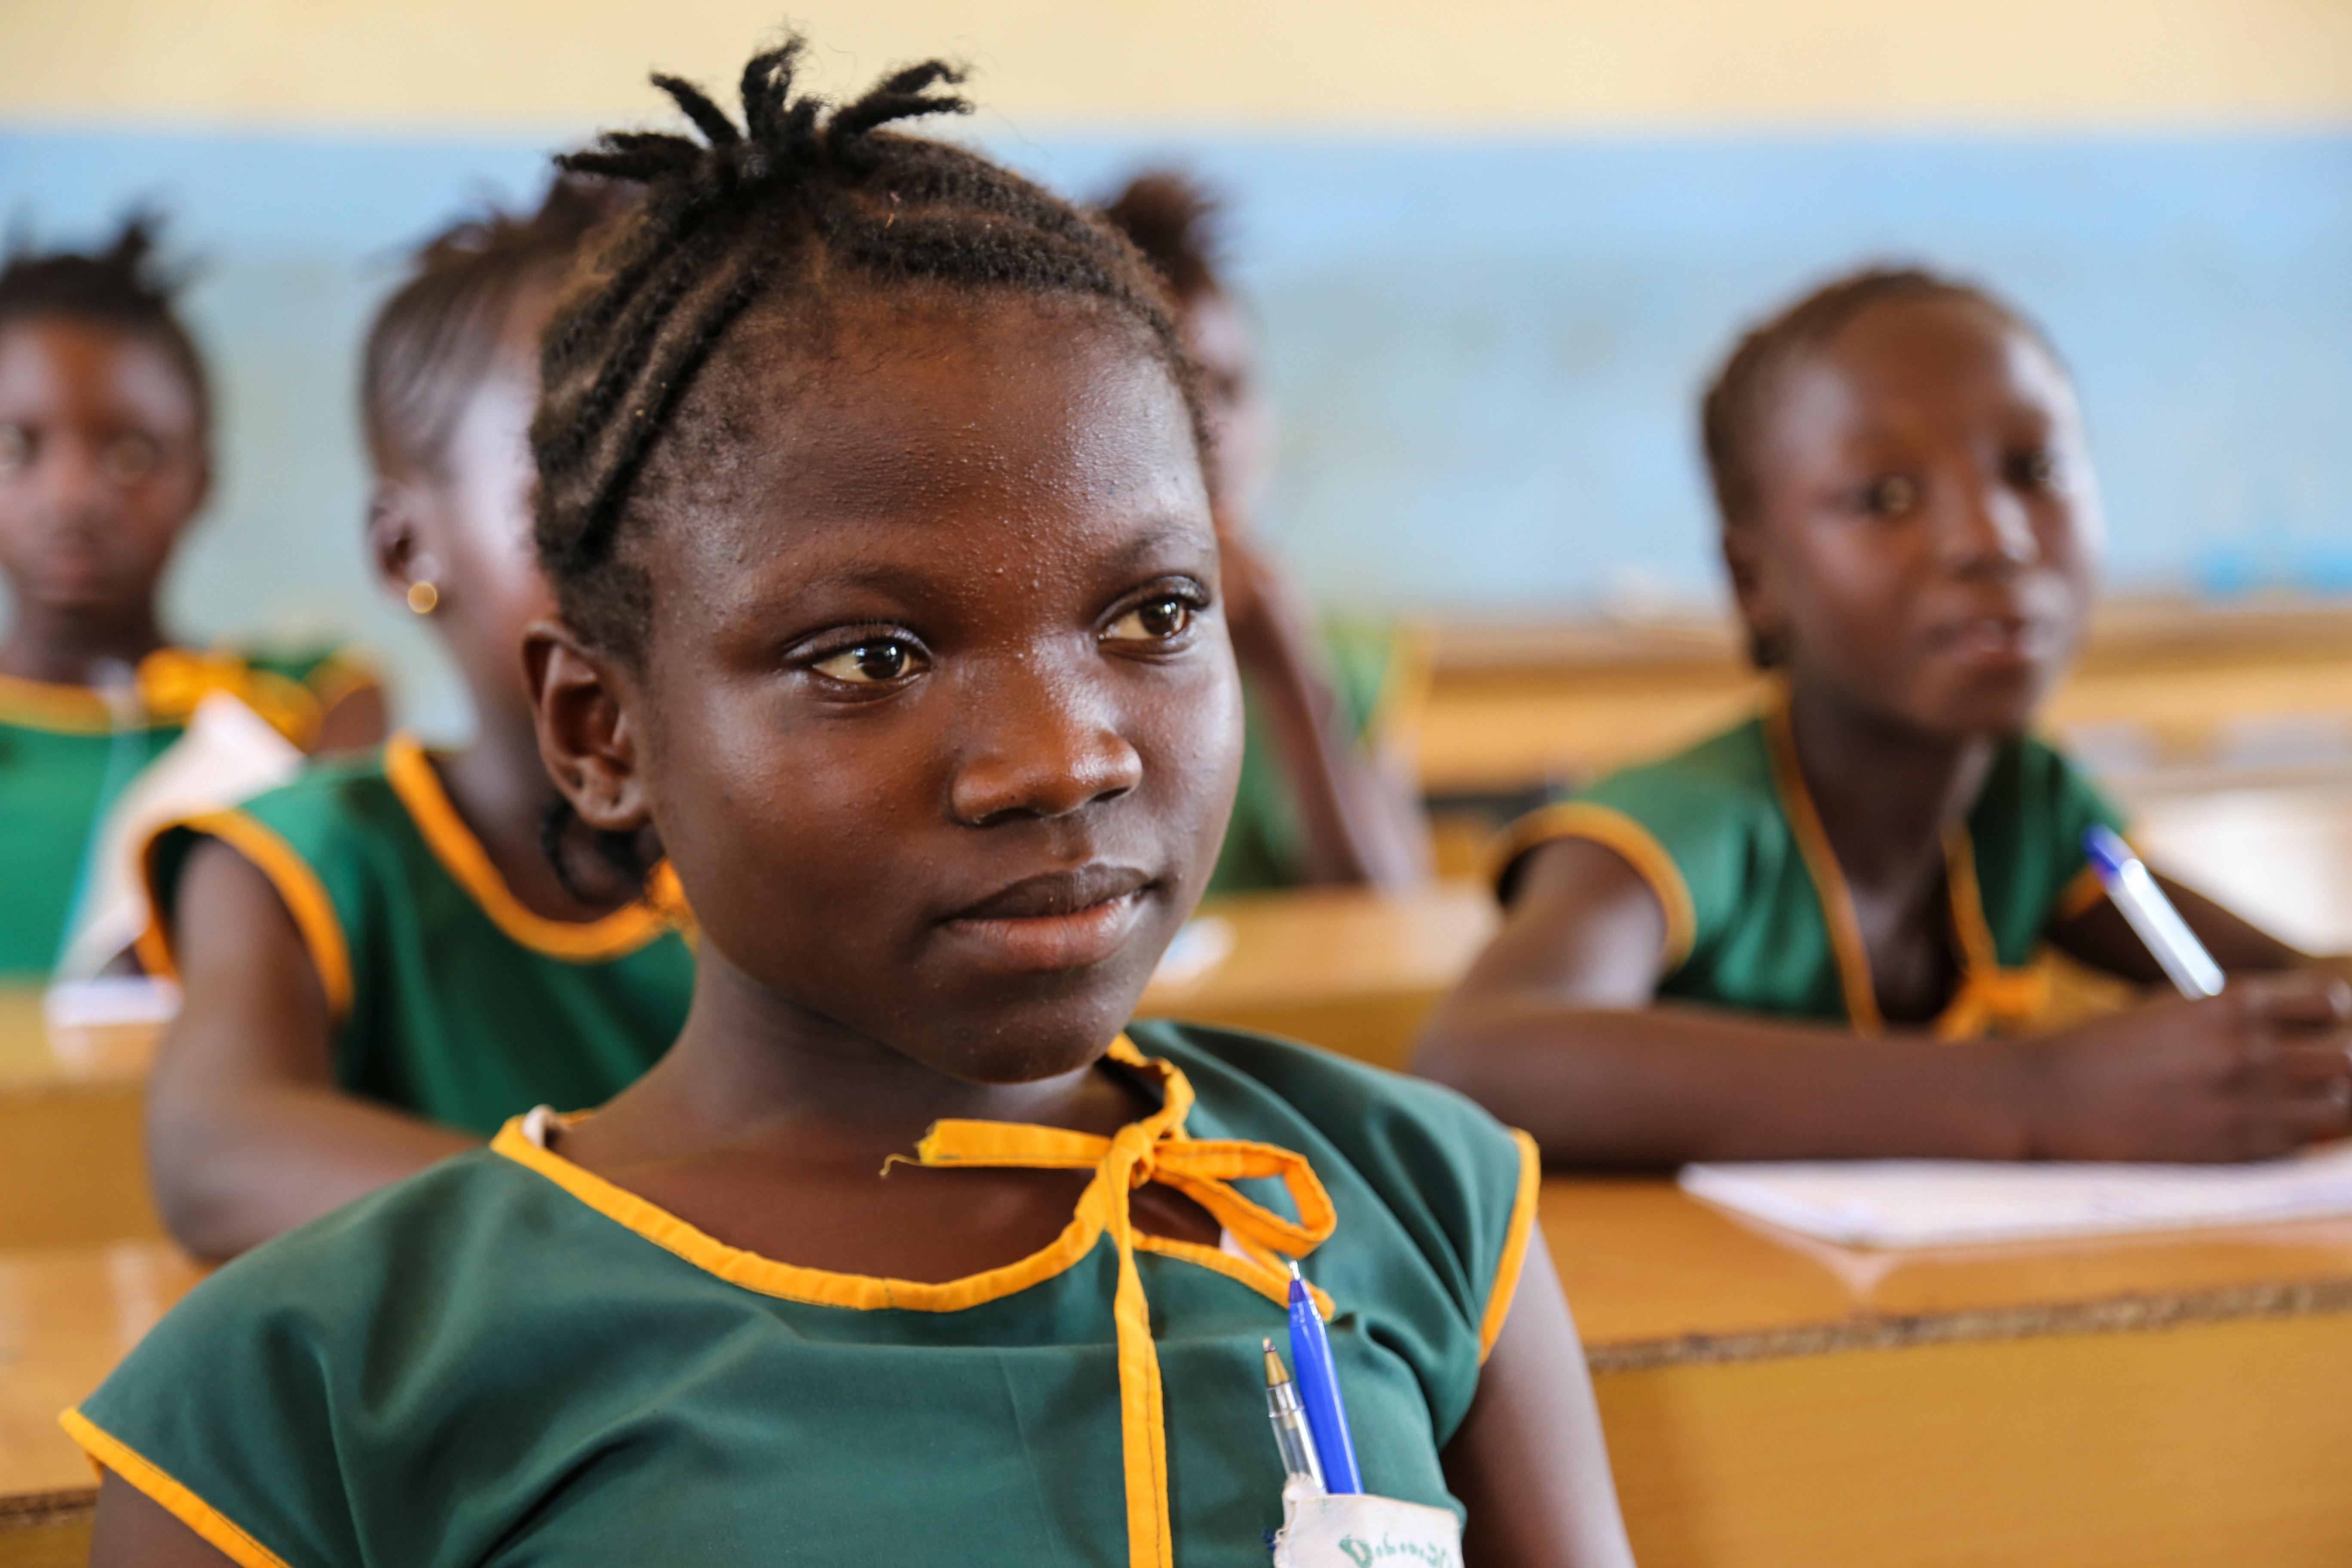 Photo courtesy of World Bank